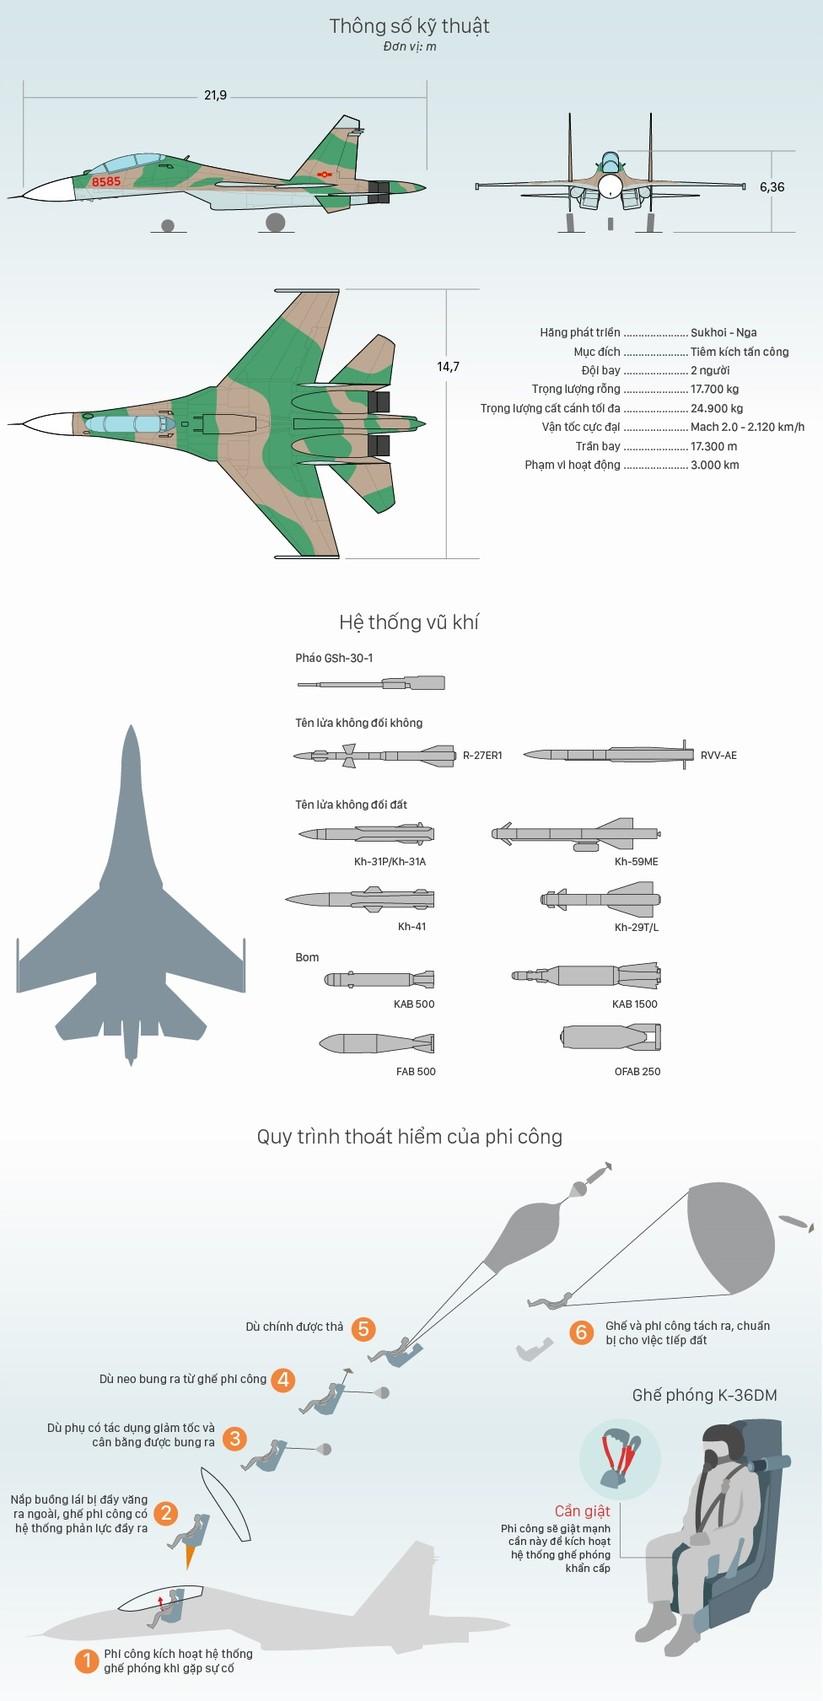 Những hiểm nguy đe dọa tính mạng phi công nhảy dù trên biển ảnh 2